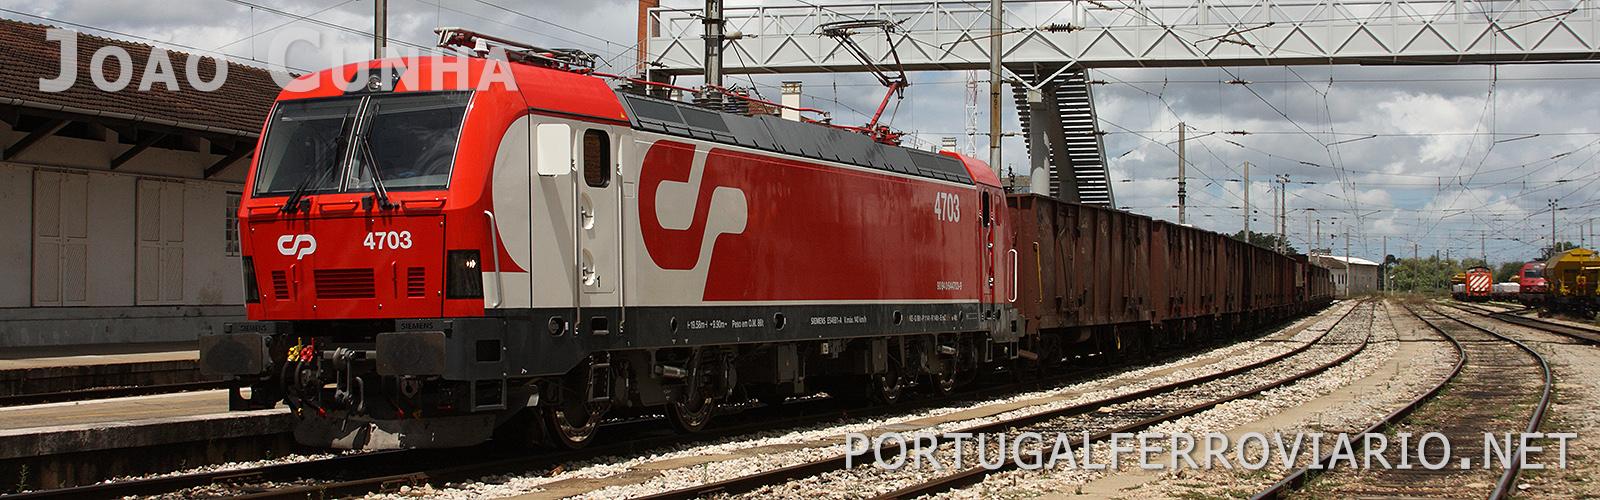 Uma das 25 locomotivas 4700 que fazem parte da frota da CP Carga.